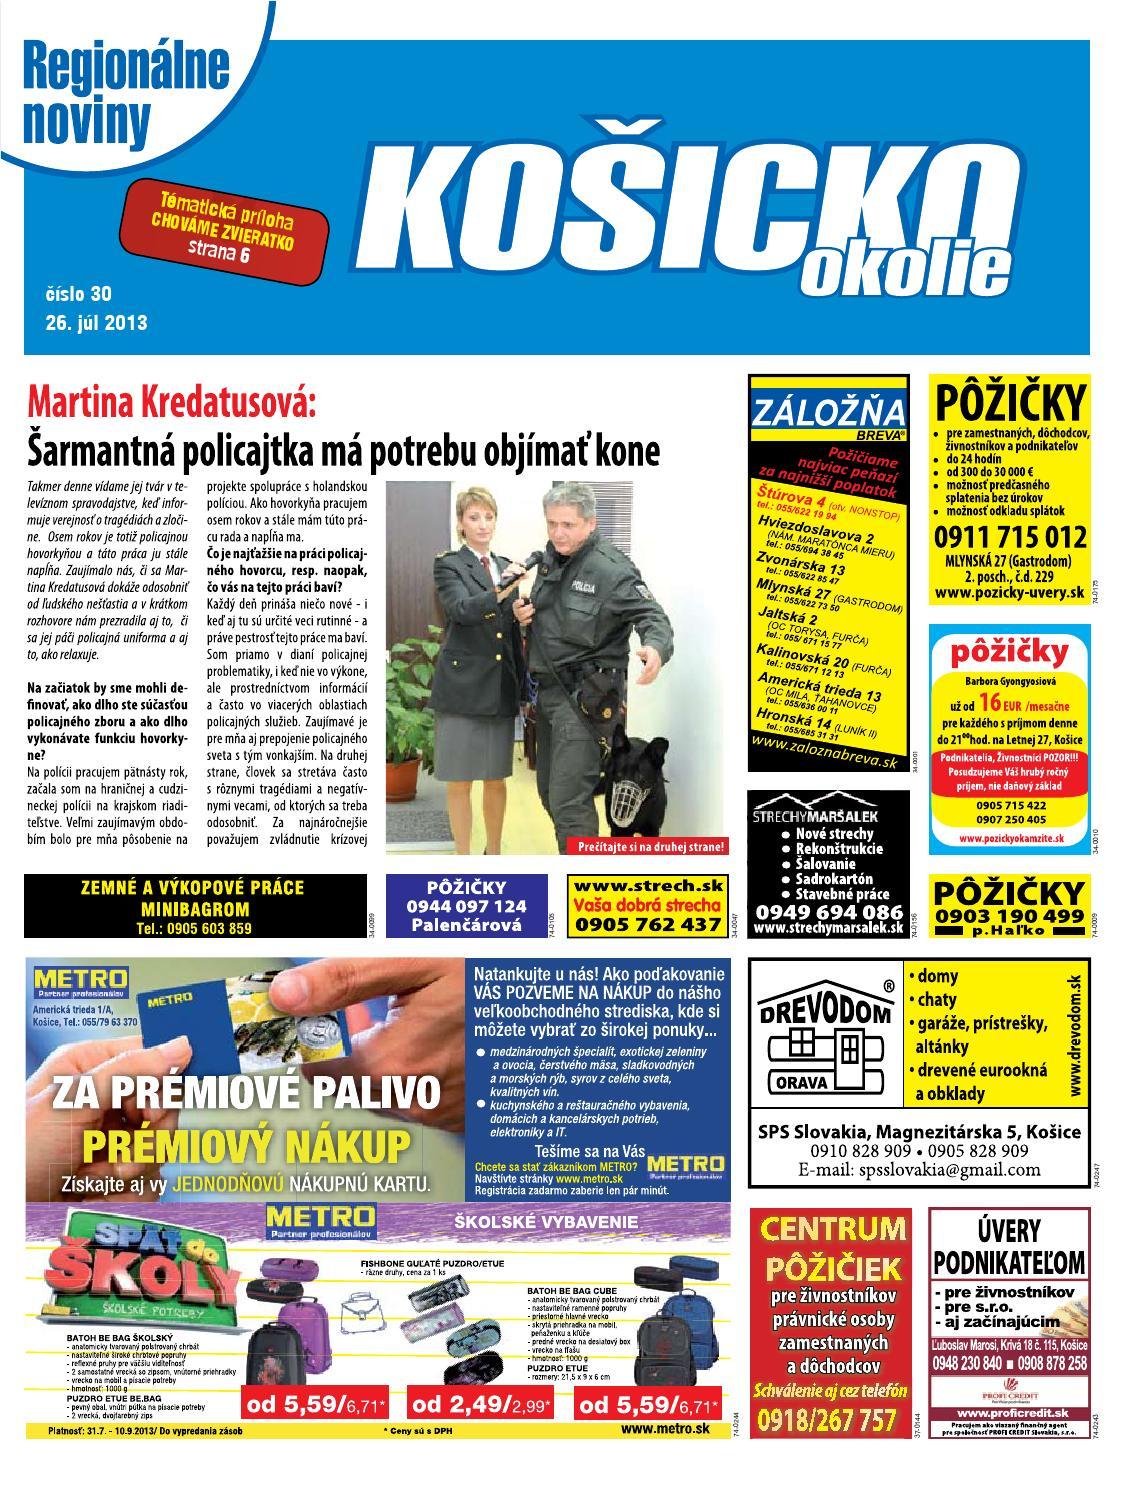 dbcc489bc Ks1330 by REGIONPRESS - Kosicko - issuu